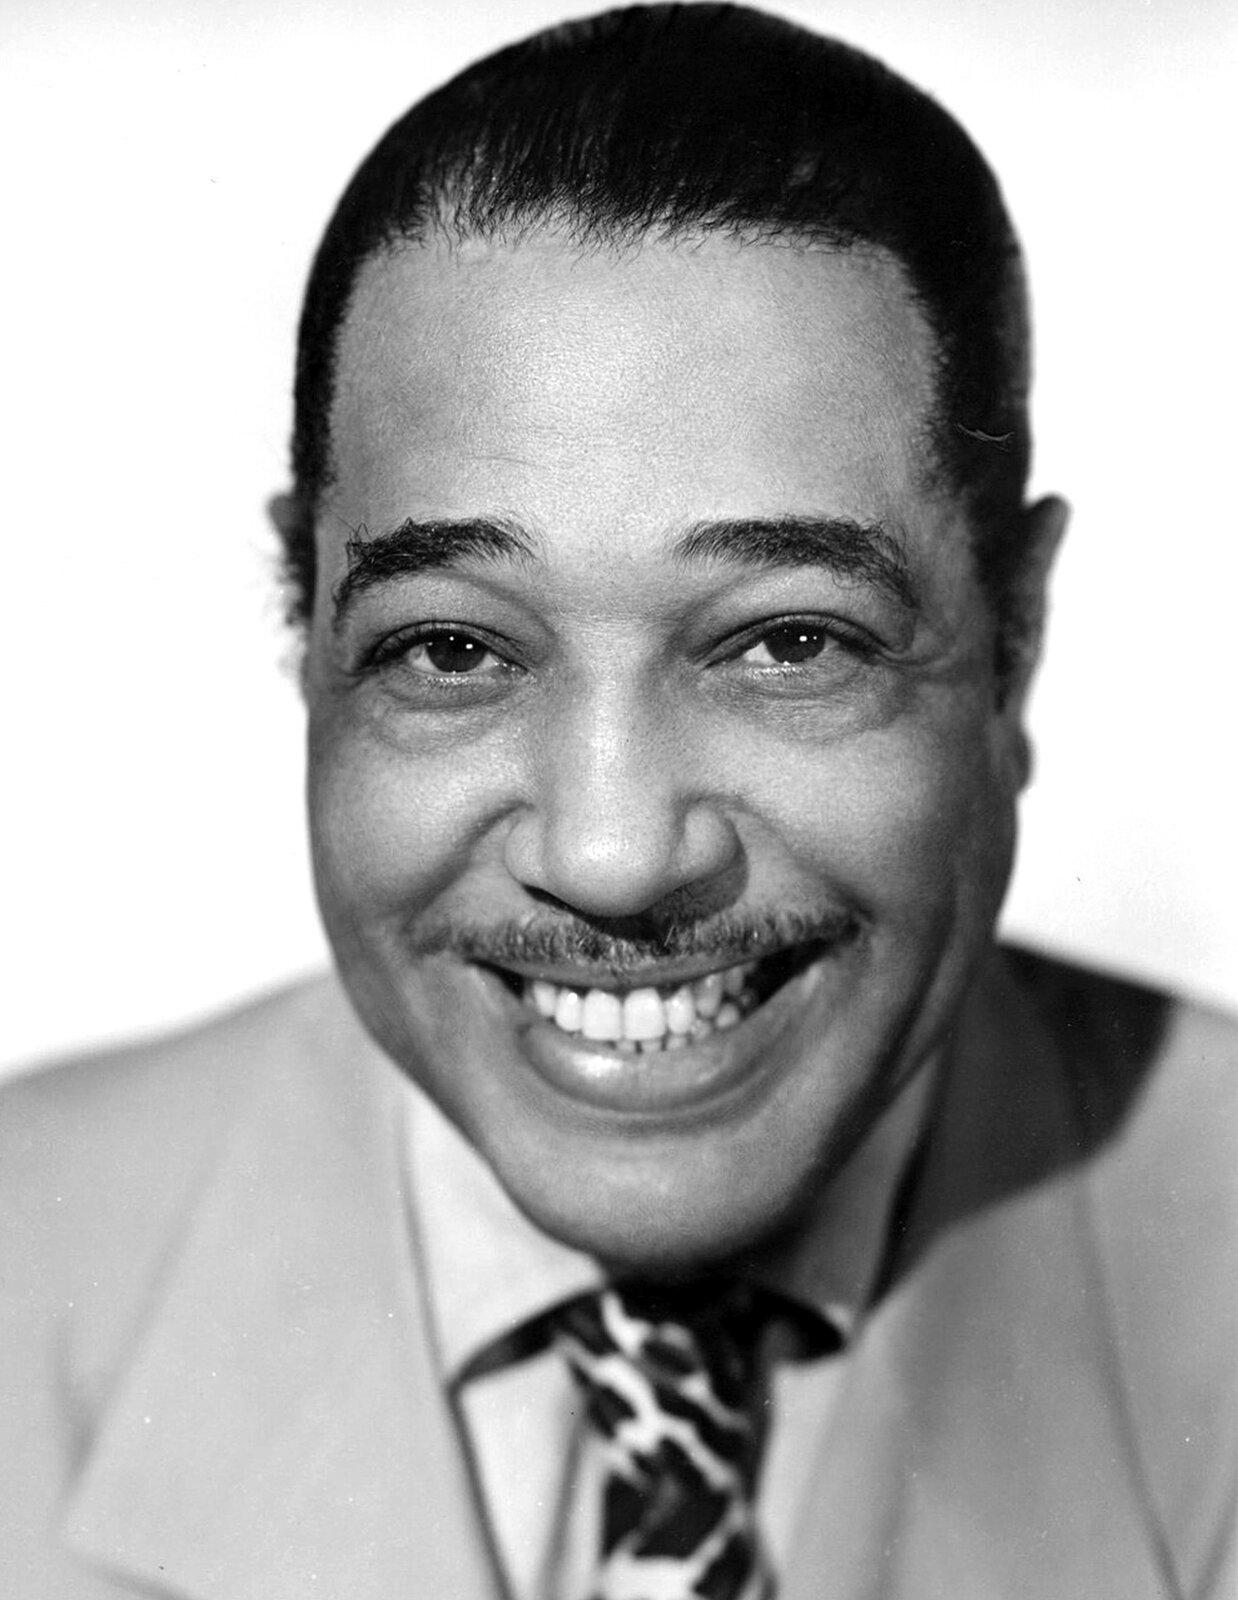 Ilustracja przedstawia zdjęcie słynnego amerykańskiego muzyka Duke Ellingtona.